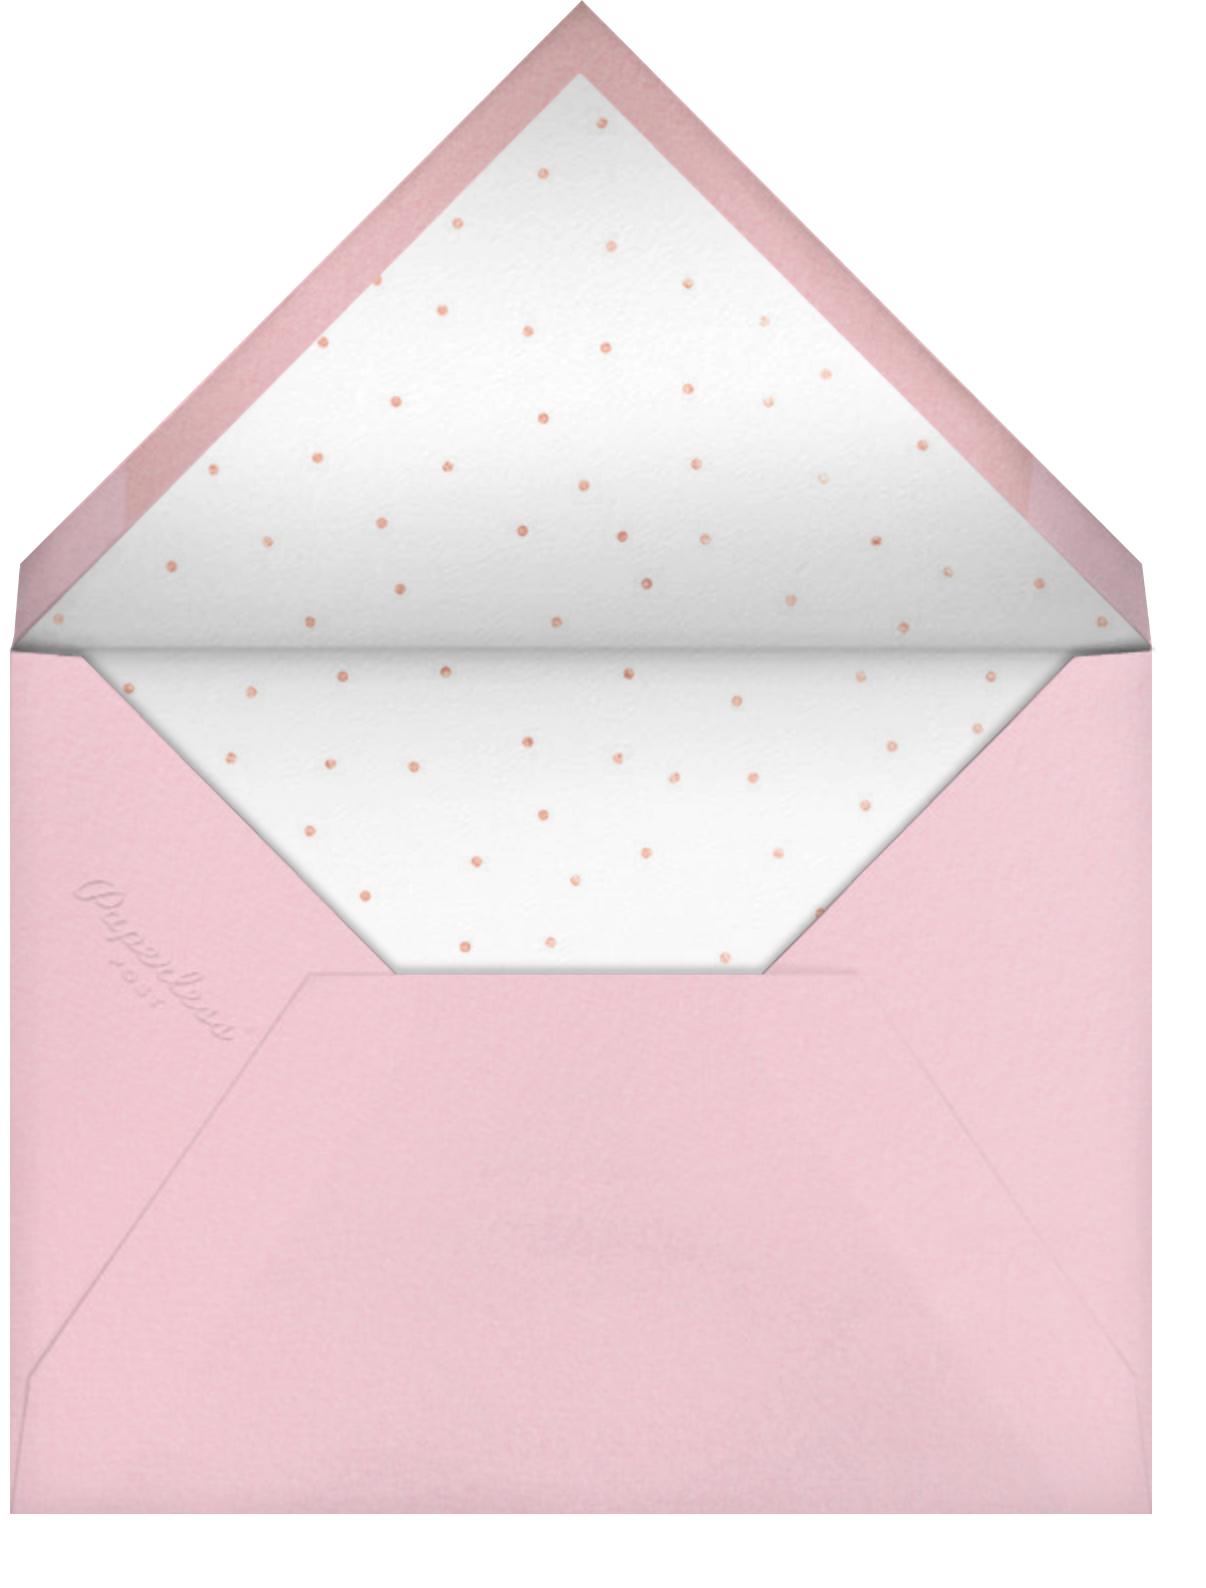 Mermaids in Waiting - Meringue - Meri Meri - Mermaid birthday invitations - envelope back